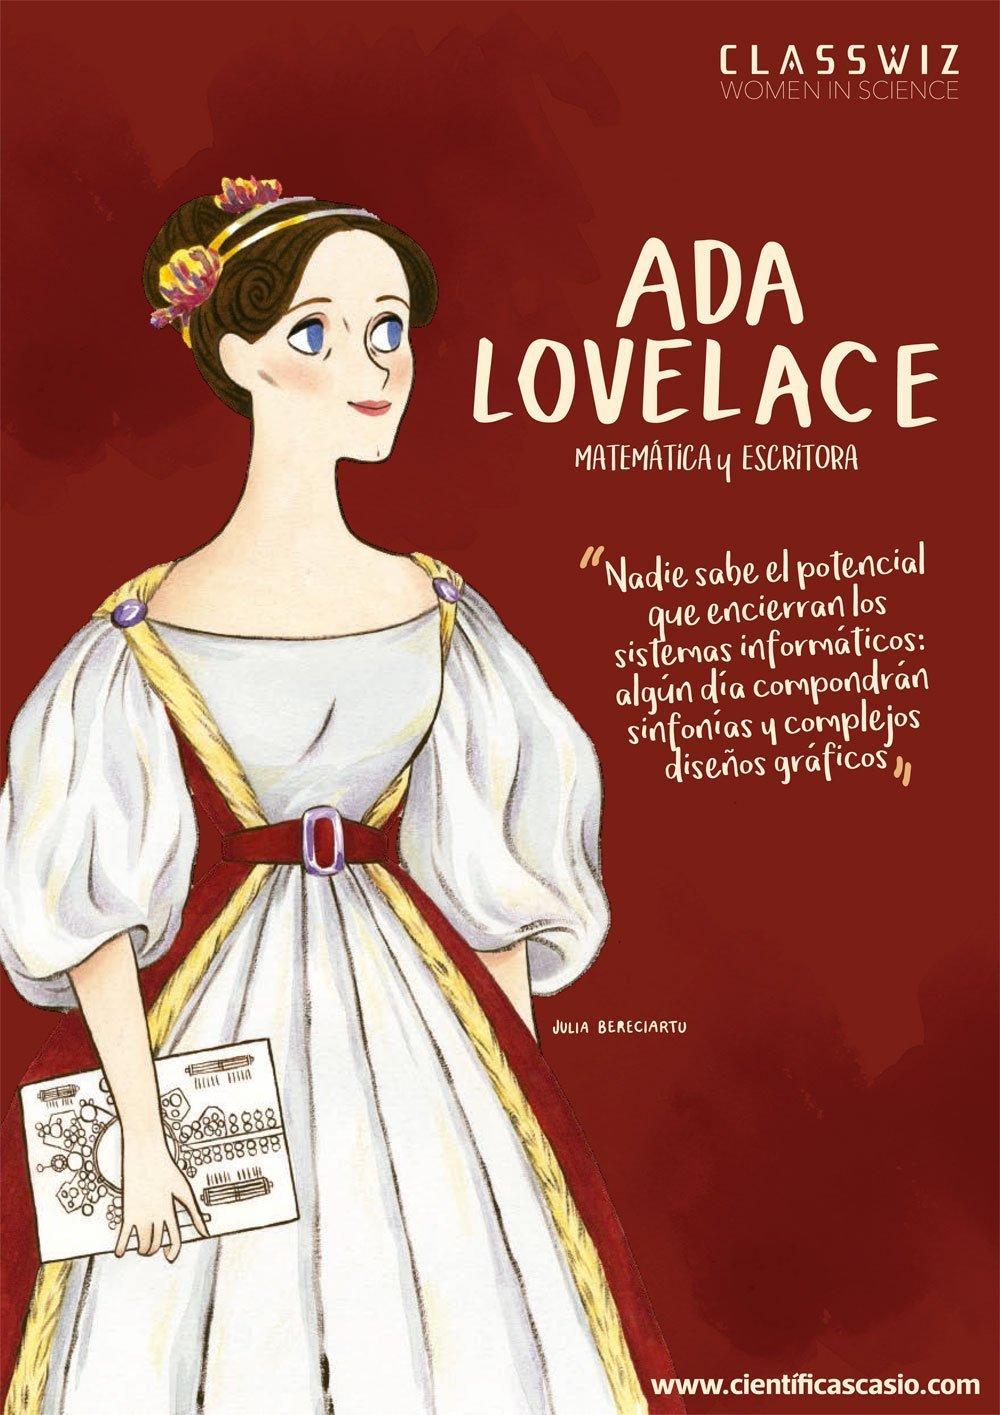 Ada-Lovelace casio